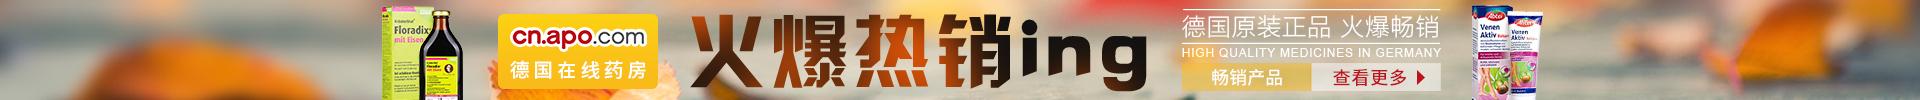 顶部Banner